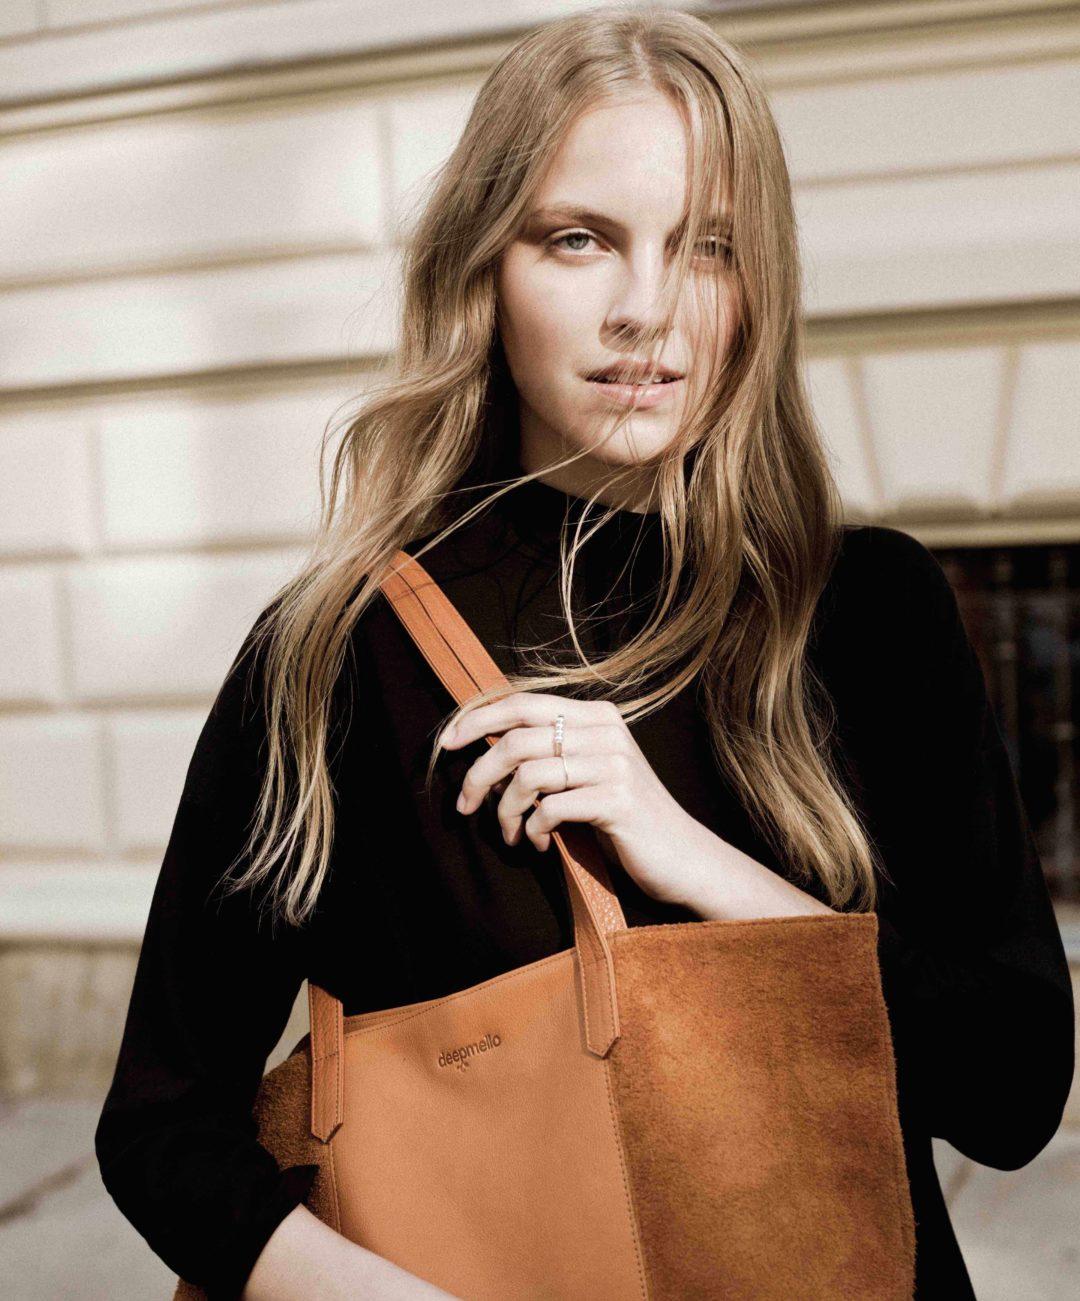 Deepmello handbags: Shoulde Bag cognac